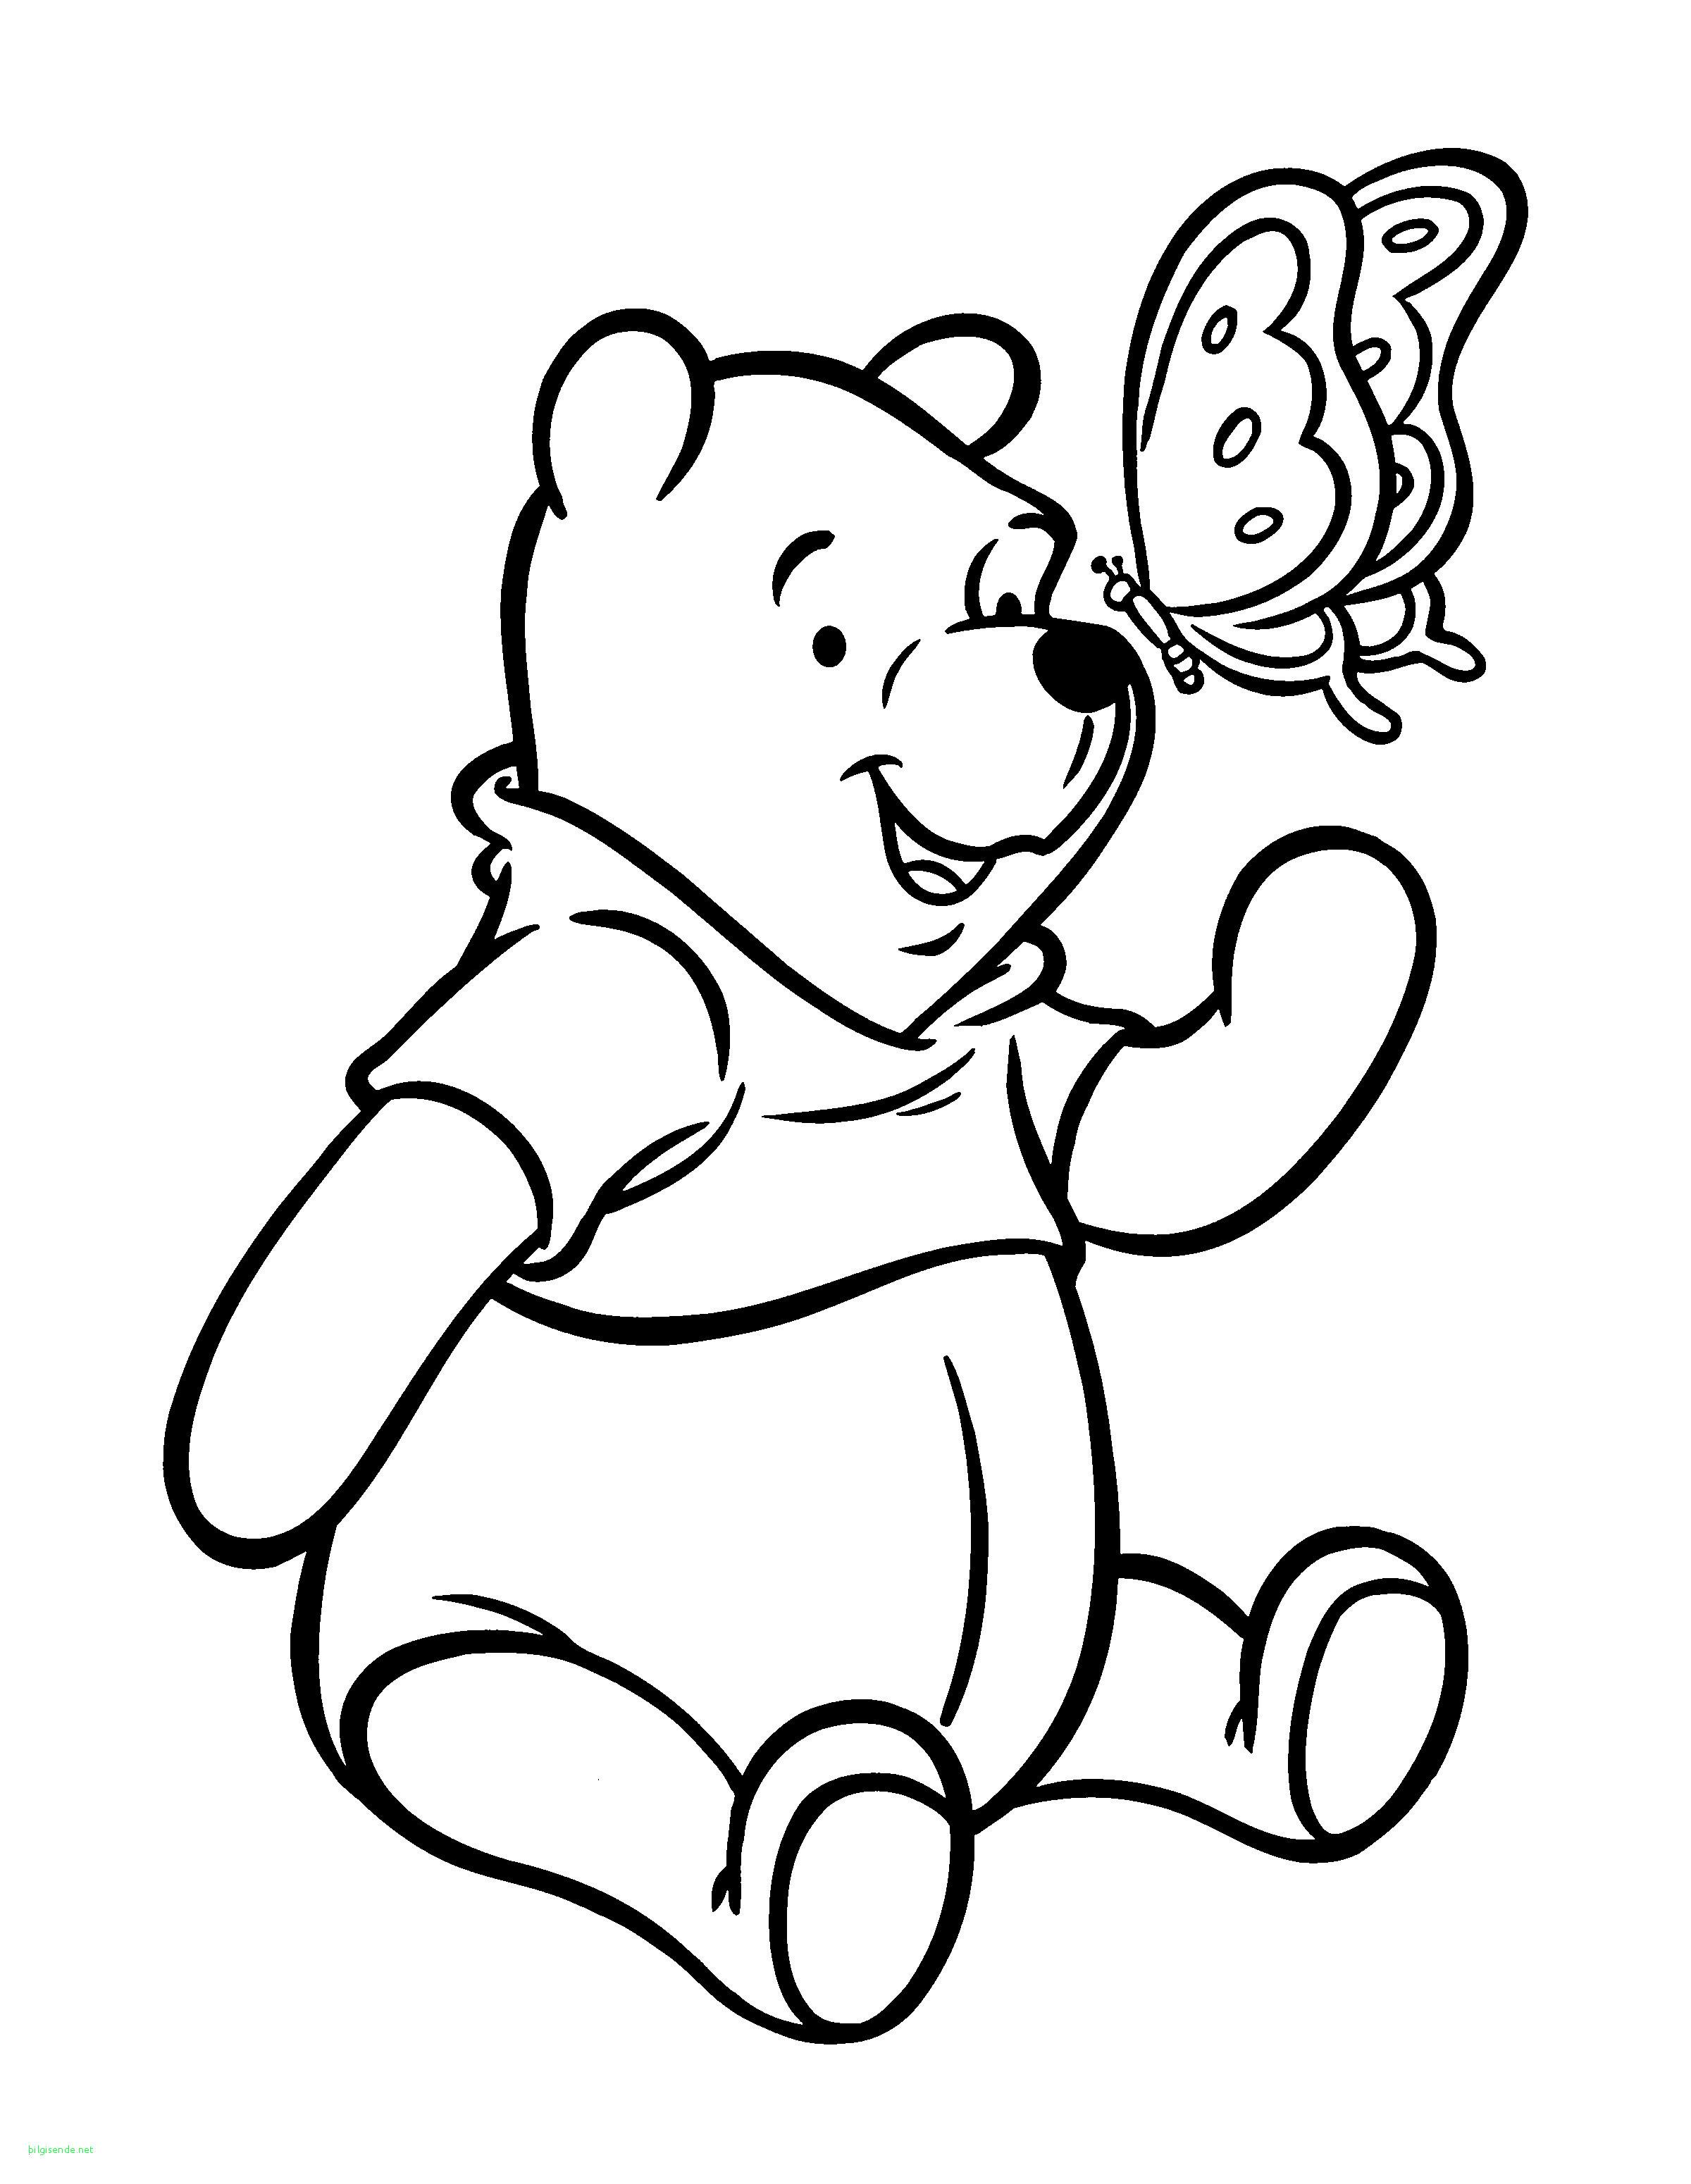 Ausmalbilder Winnie Pooh Frisch Elegant Free Coloring Disney Pixel Art Winnie Luxus Ausmalbilder Das Bild